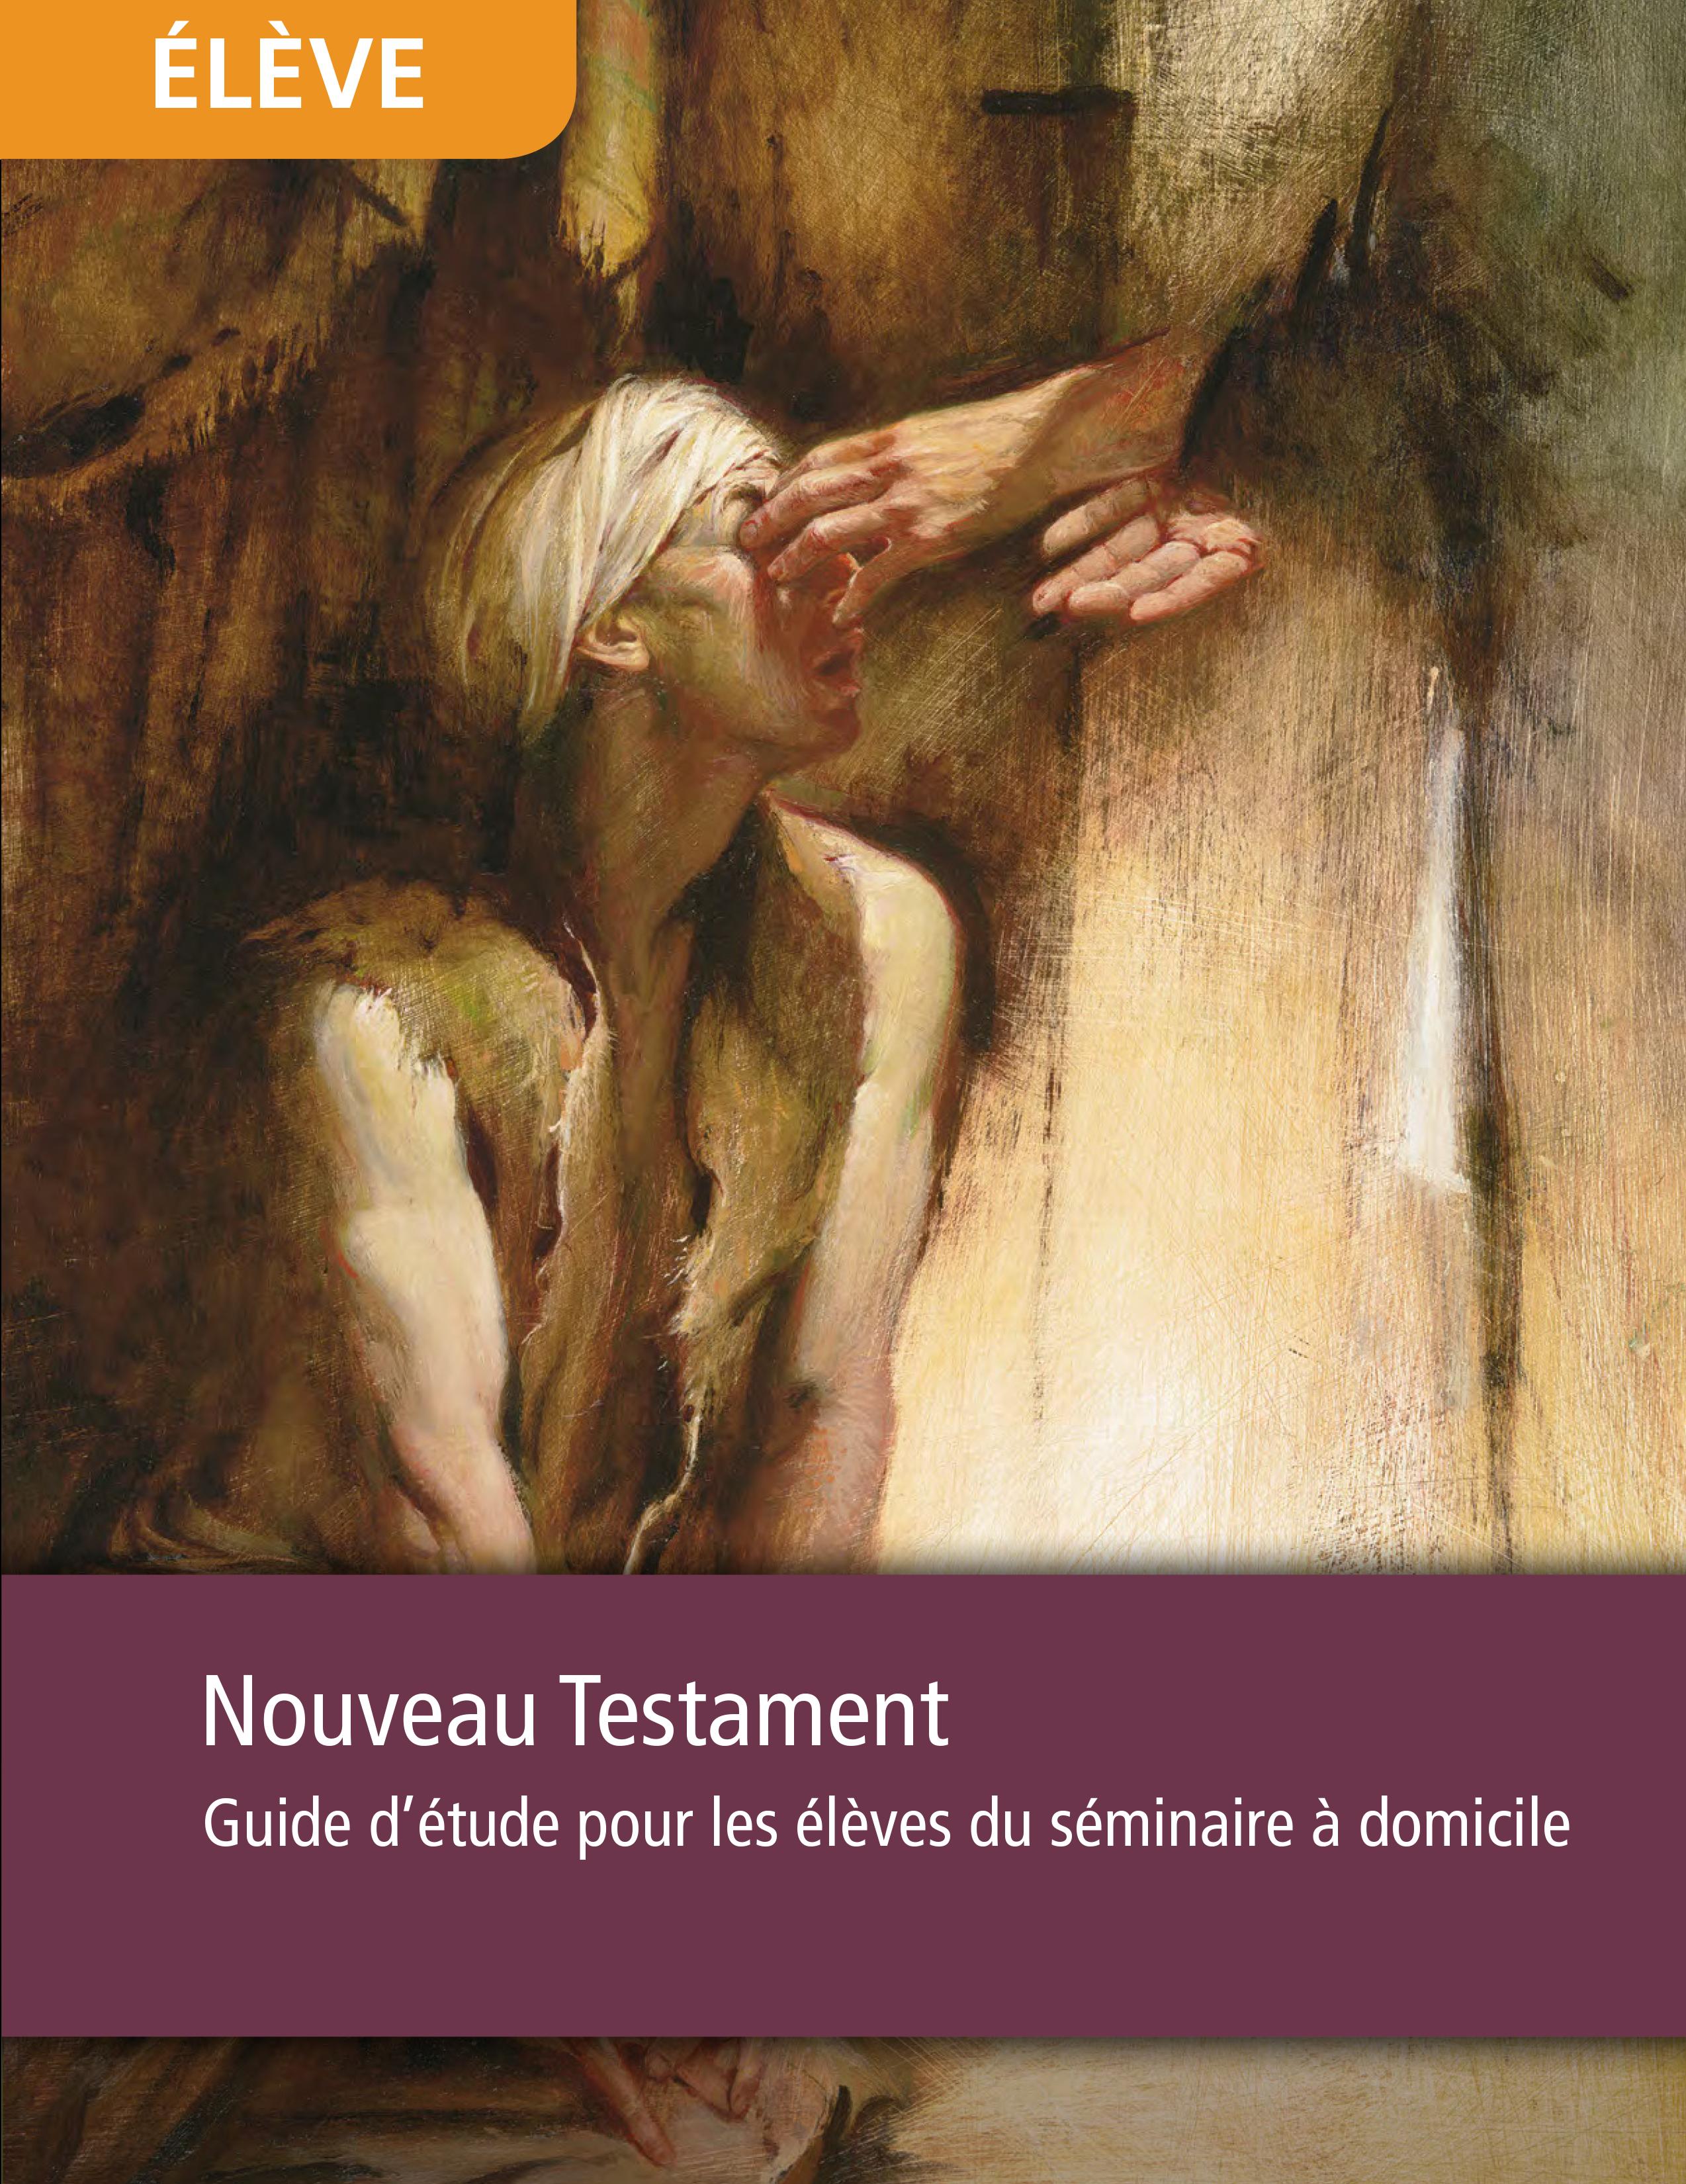 Nouveau Testament, guide d'étude pour les élèves du séminaire à domicile